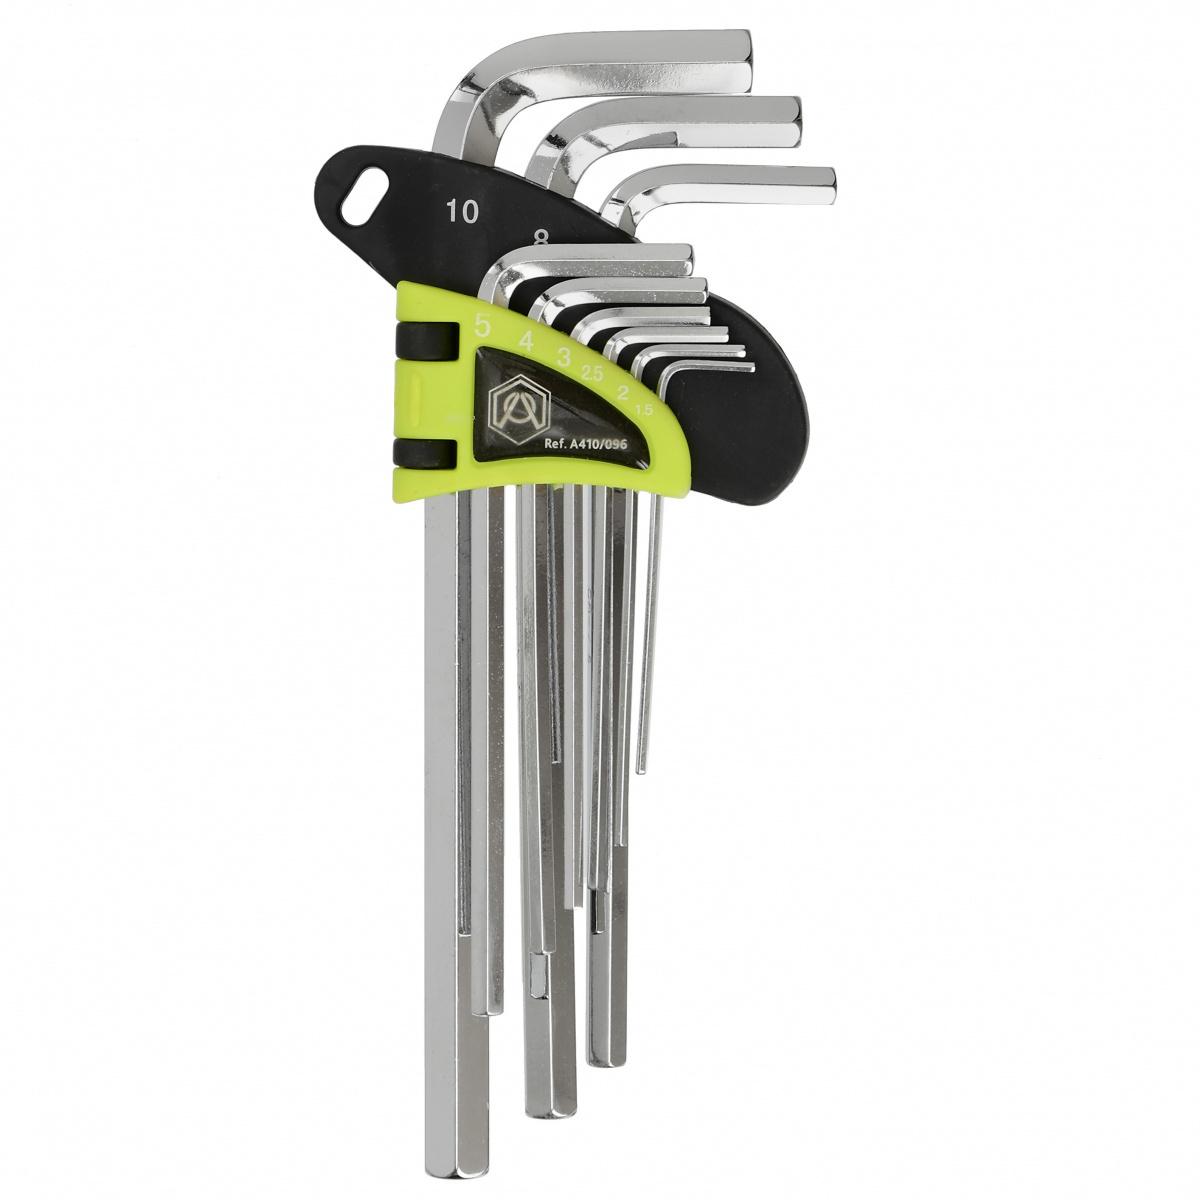 Набор шестигранных ключей A410/096, длинные